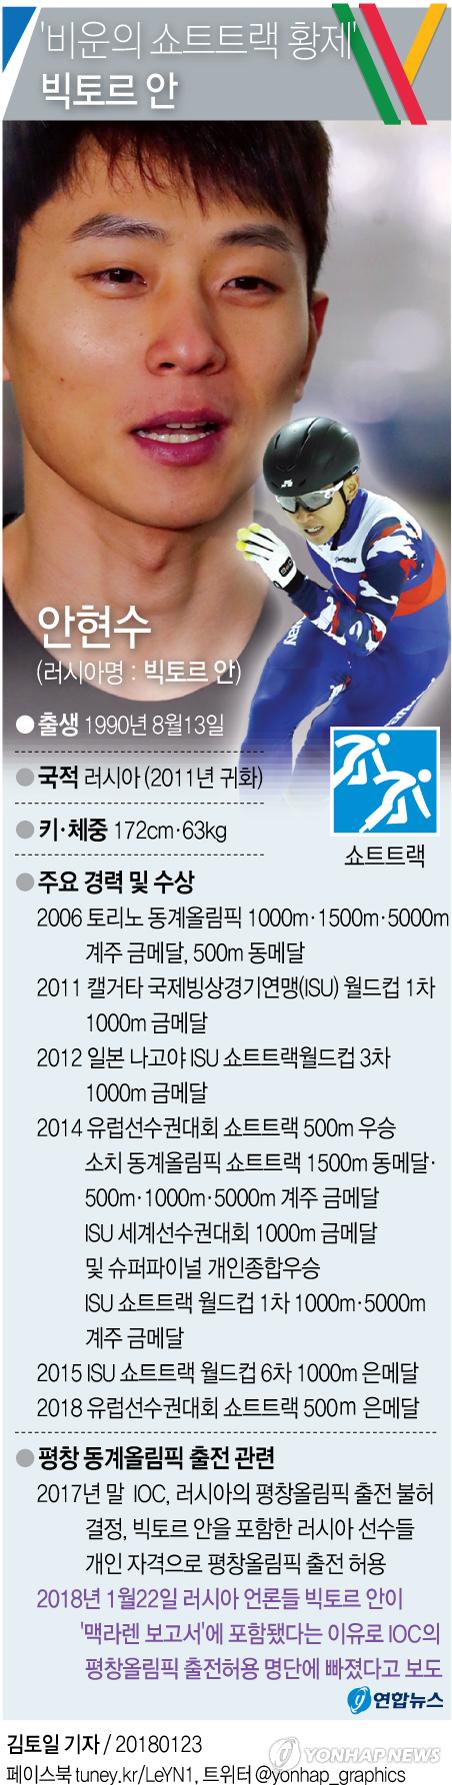 """[그래픽] 러시아 언론 """"빅토르 안, 평창 올림픽 선수 명단서 제외"""" 보도"""